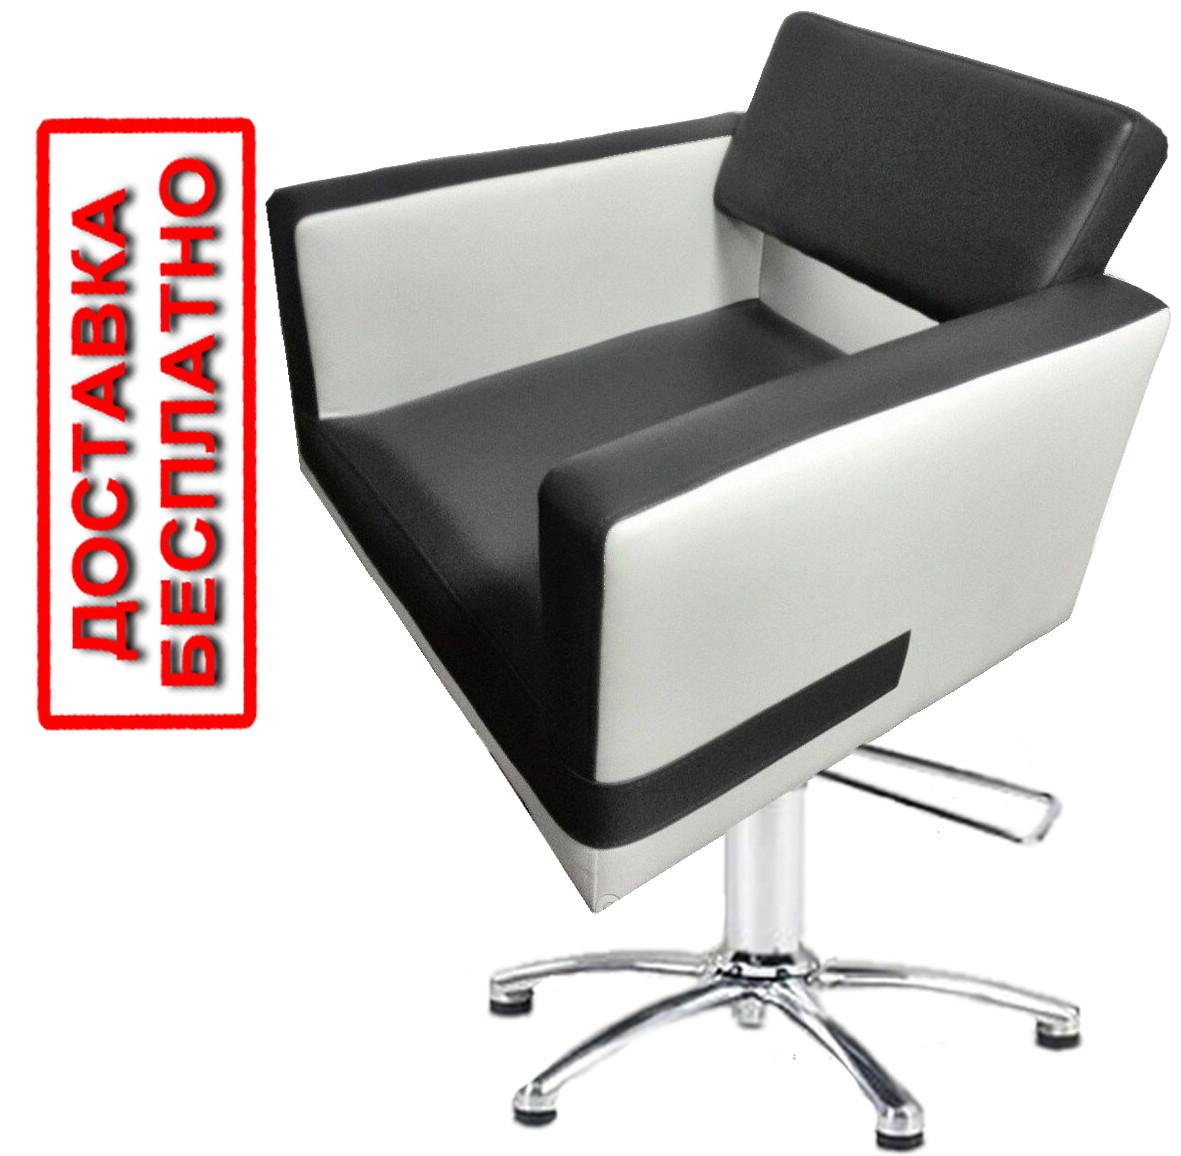 Парикмахерское кресло на гидравлике для салонов красоты BerlinV.M. подъемник + комплектующие пр-ва Польша